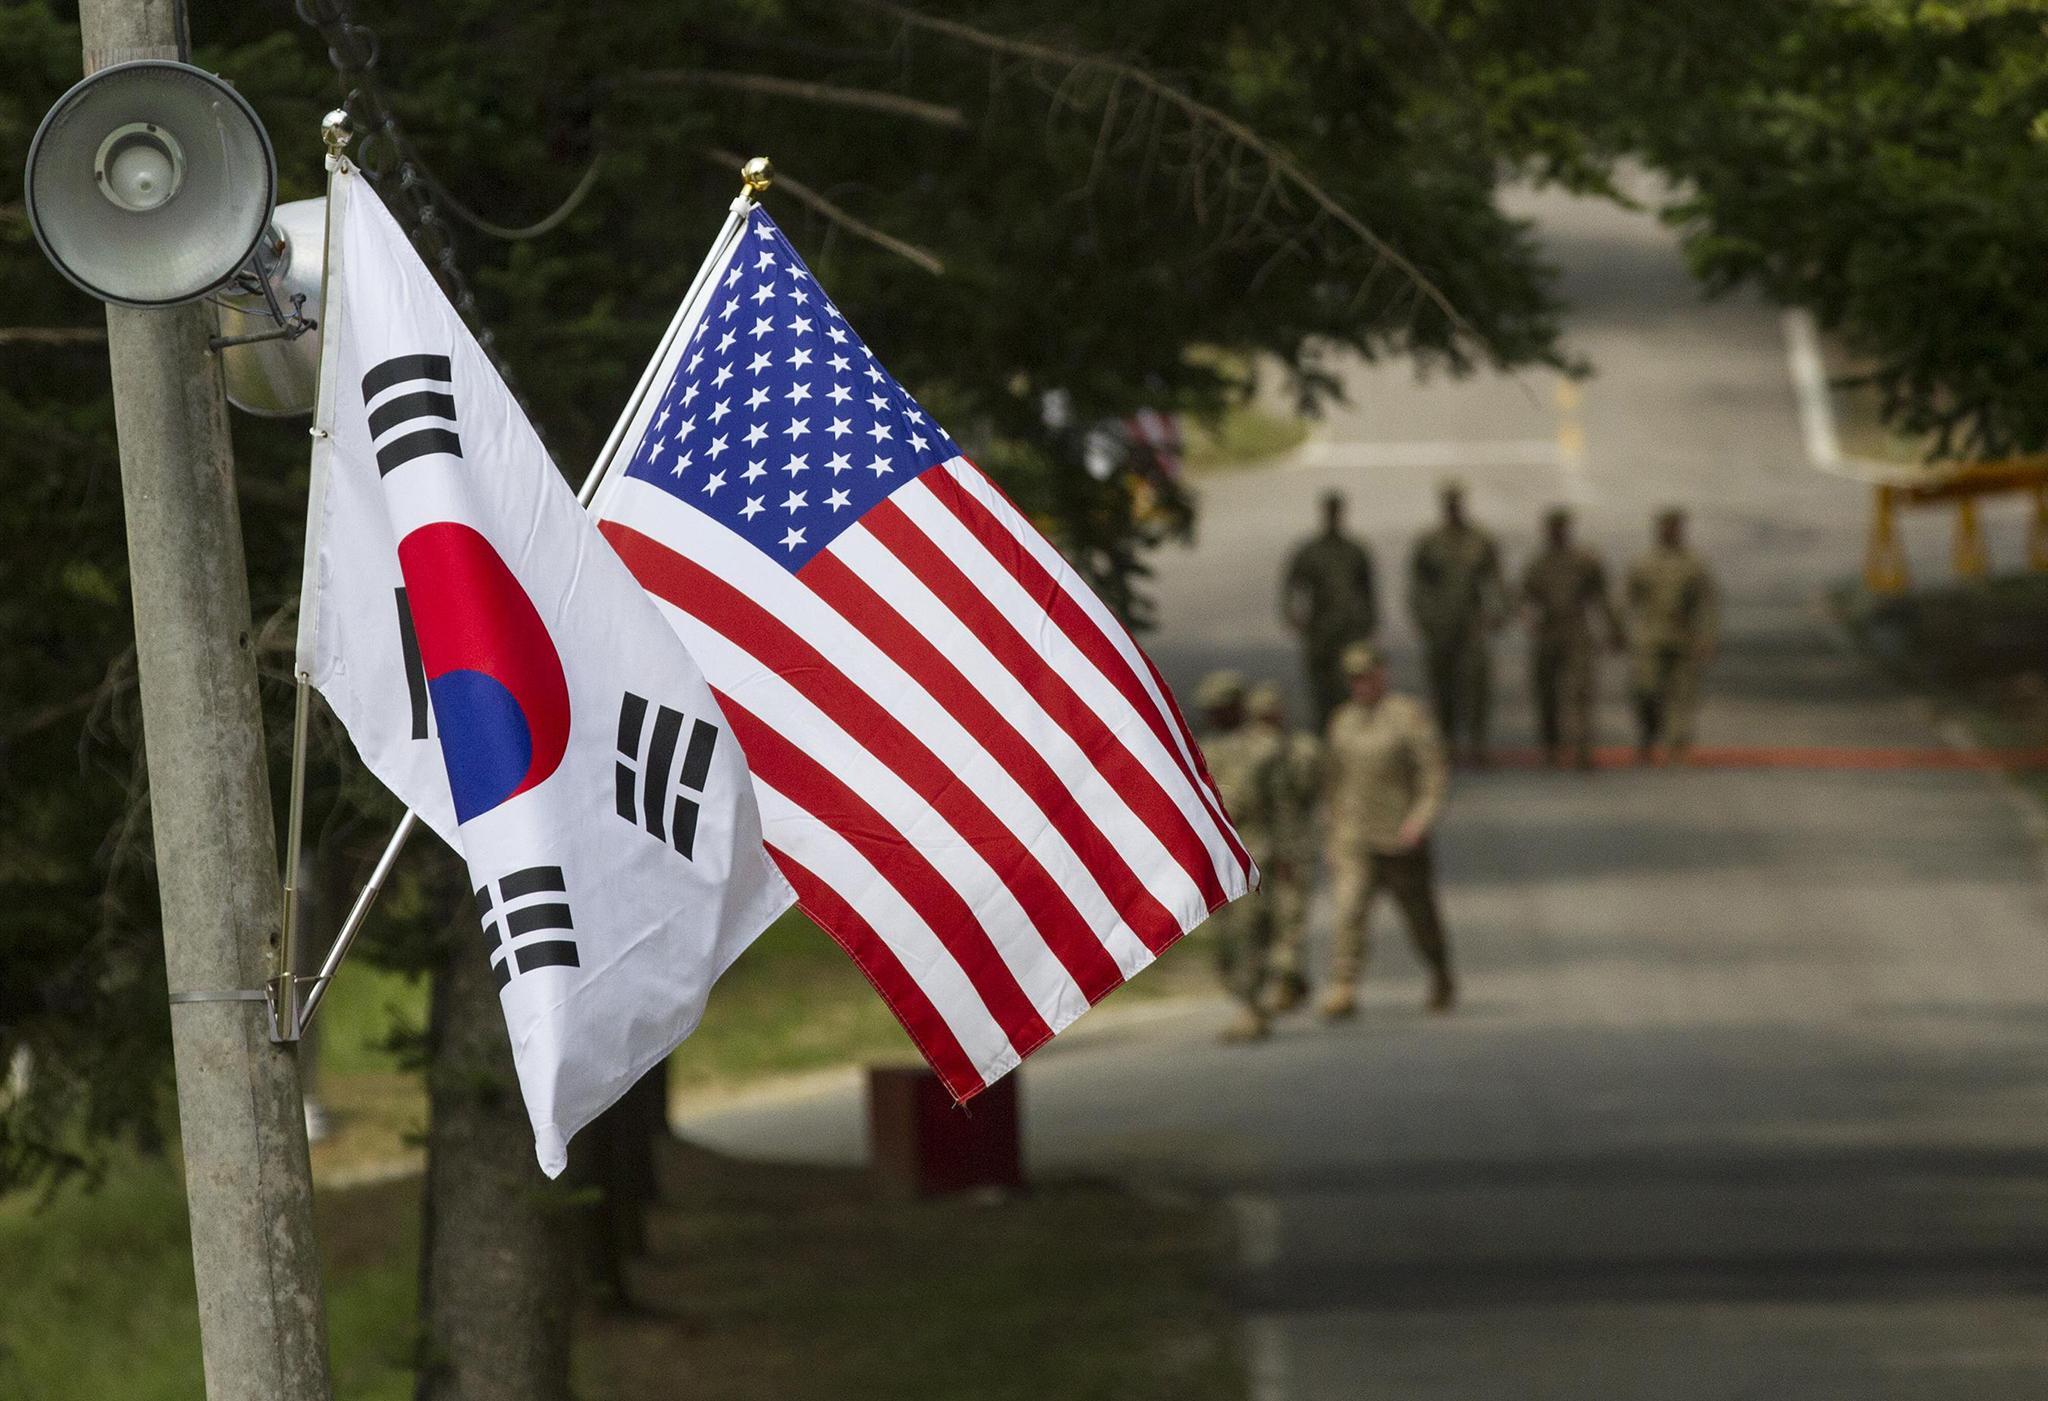 Coreia do Sul receia fim da protecção dos EUA, após míssil balístico do Norte